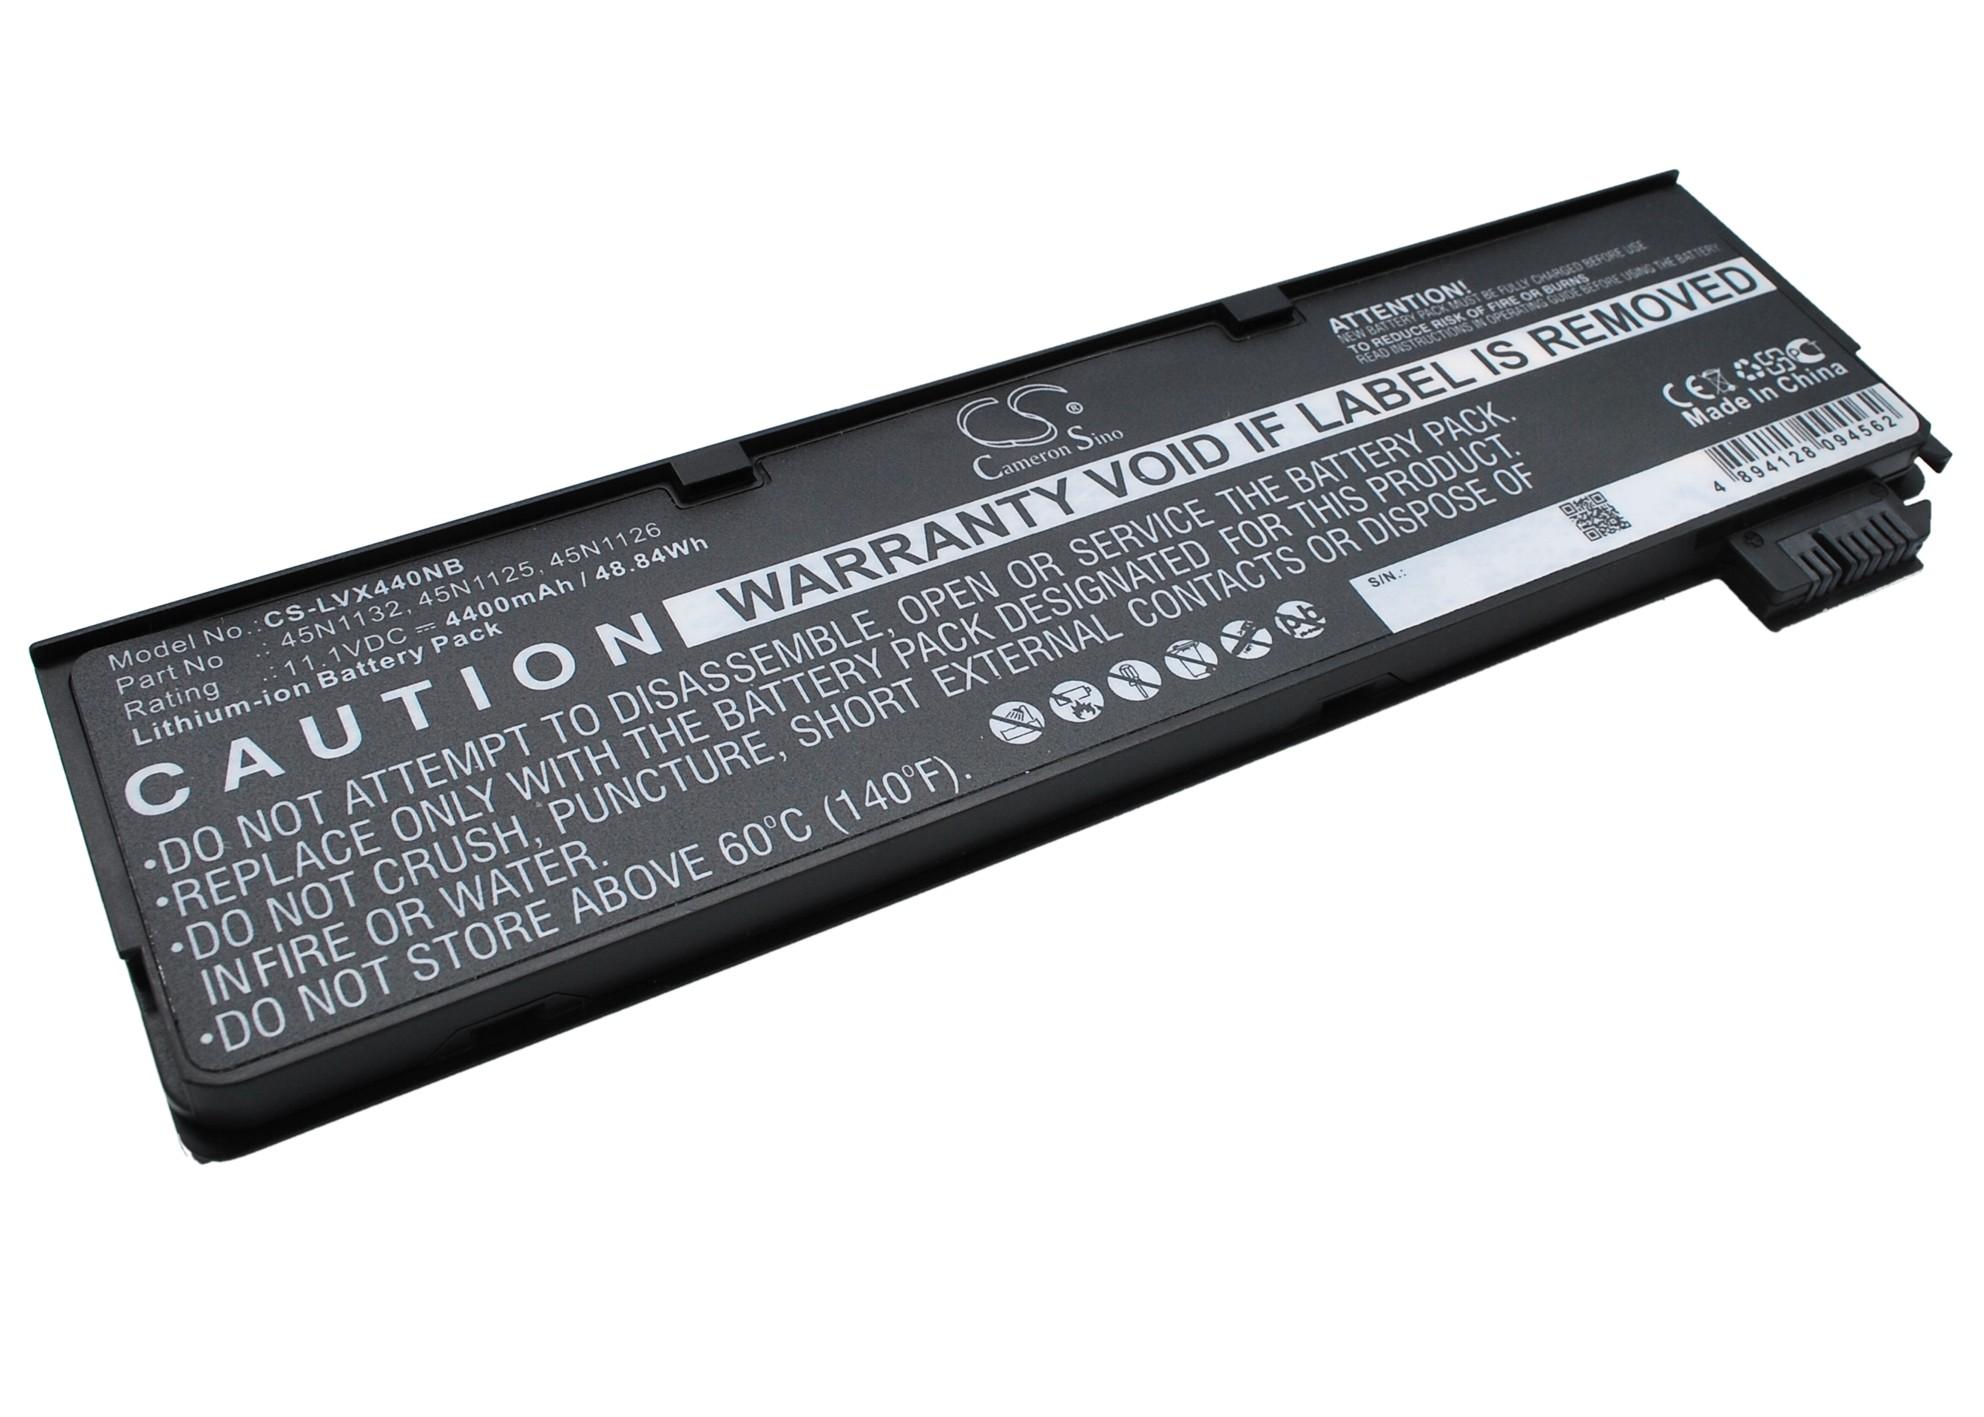 Cameron Sino baterie do notebooků pro LENOVO ThinkPad T440 11.1V Li-ion 4400mAh černá - neoriginální